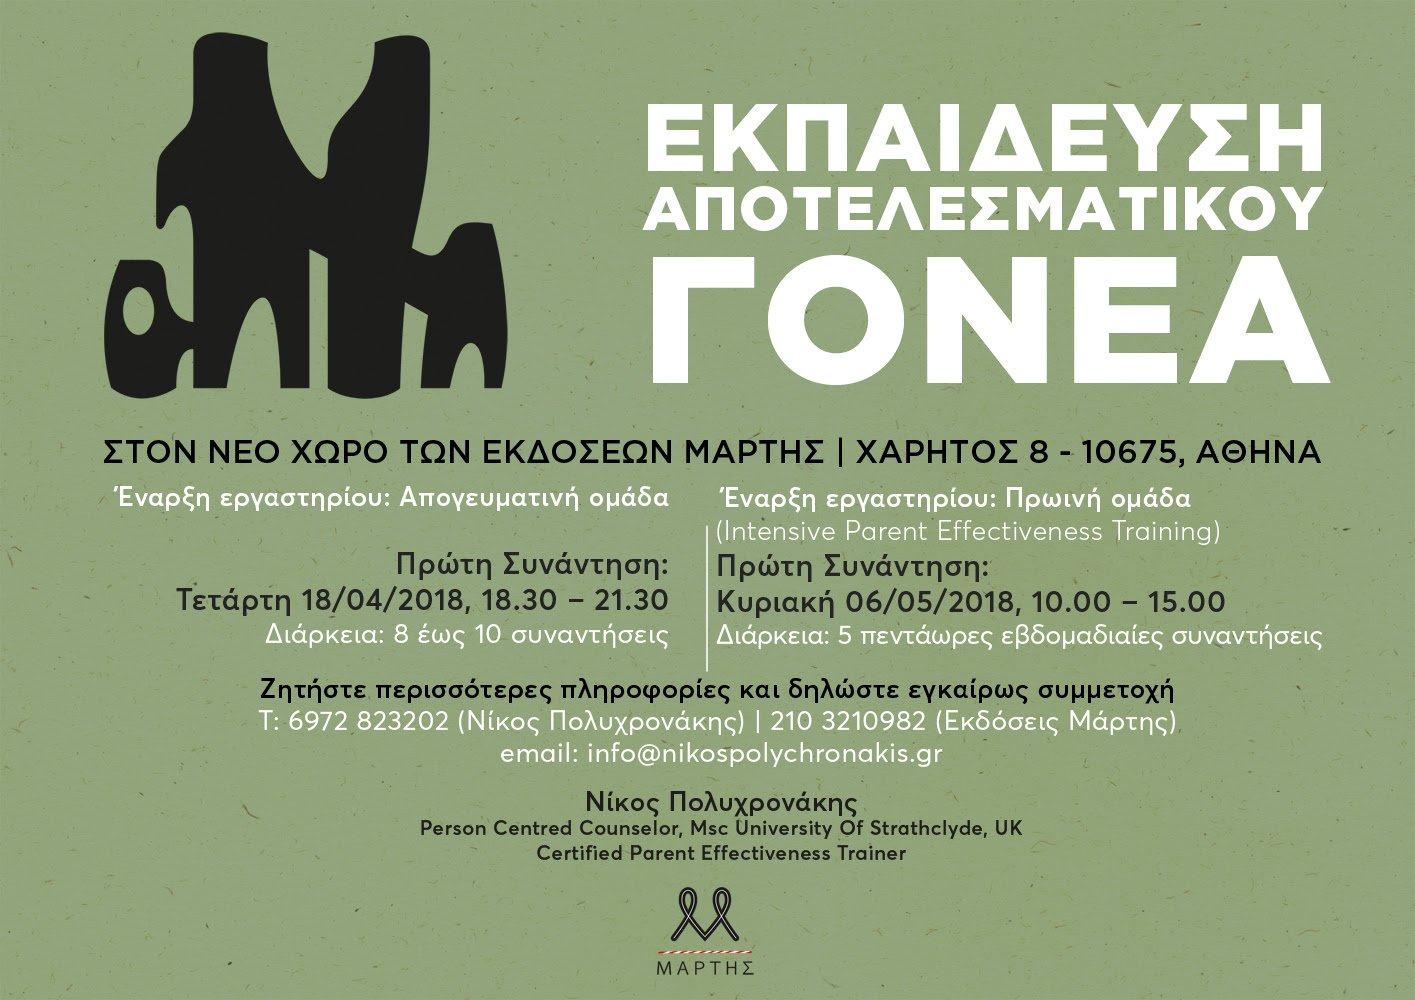 Εκπαίδευση Αποτελεσματικού Γονέα @ Εκδόσεις Μάρτης, Χάρητος 8, Αθήνα